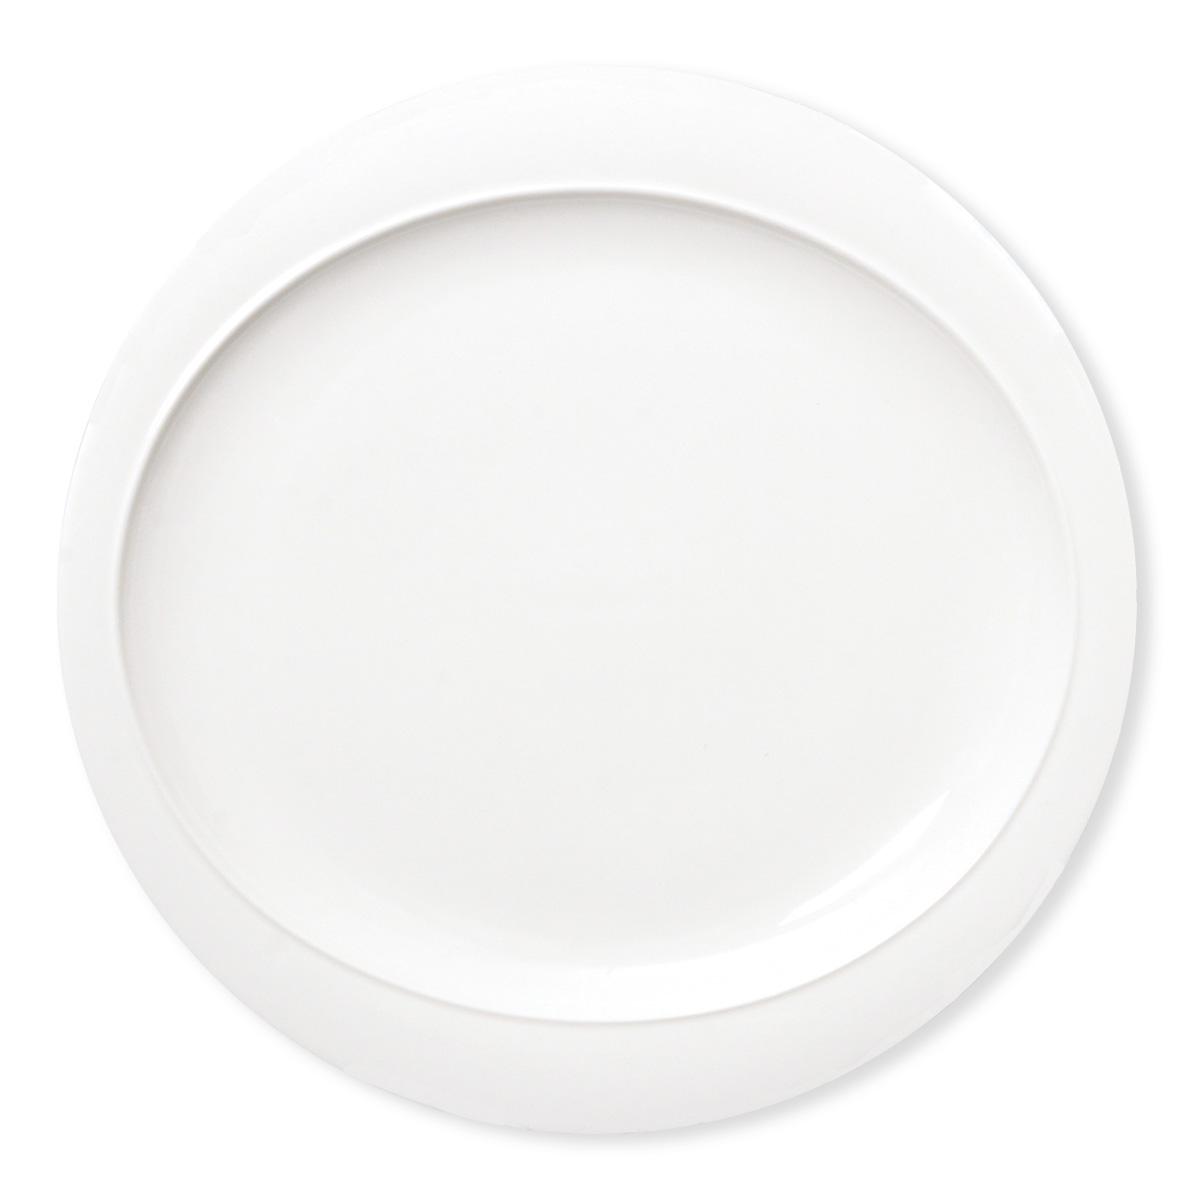 assiette originale pour restaurant vaisselle tendance et. Black Bedroom Furniture Sets. Home Design Ideas